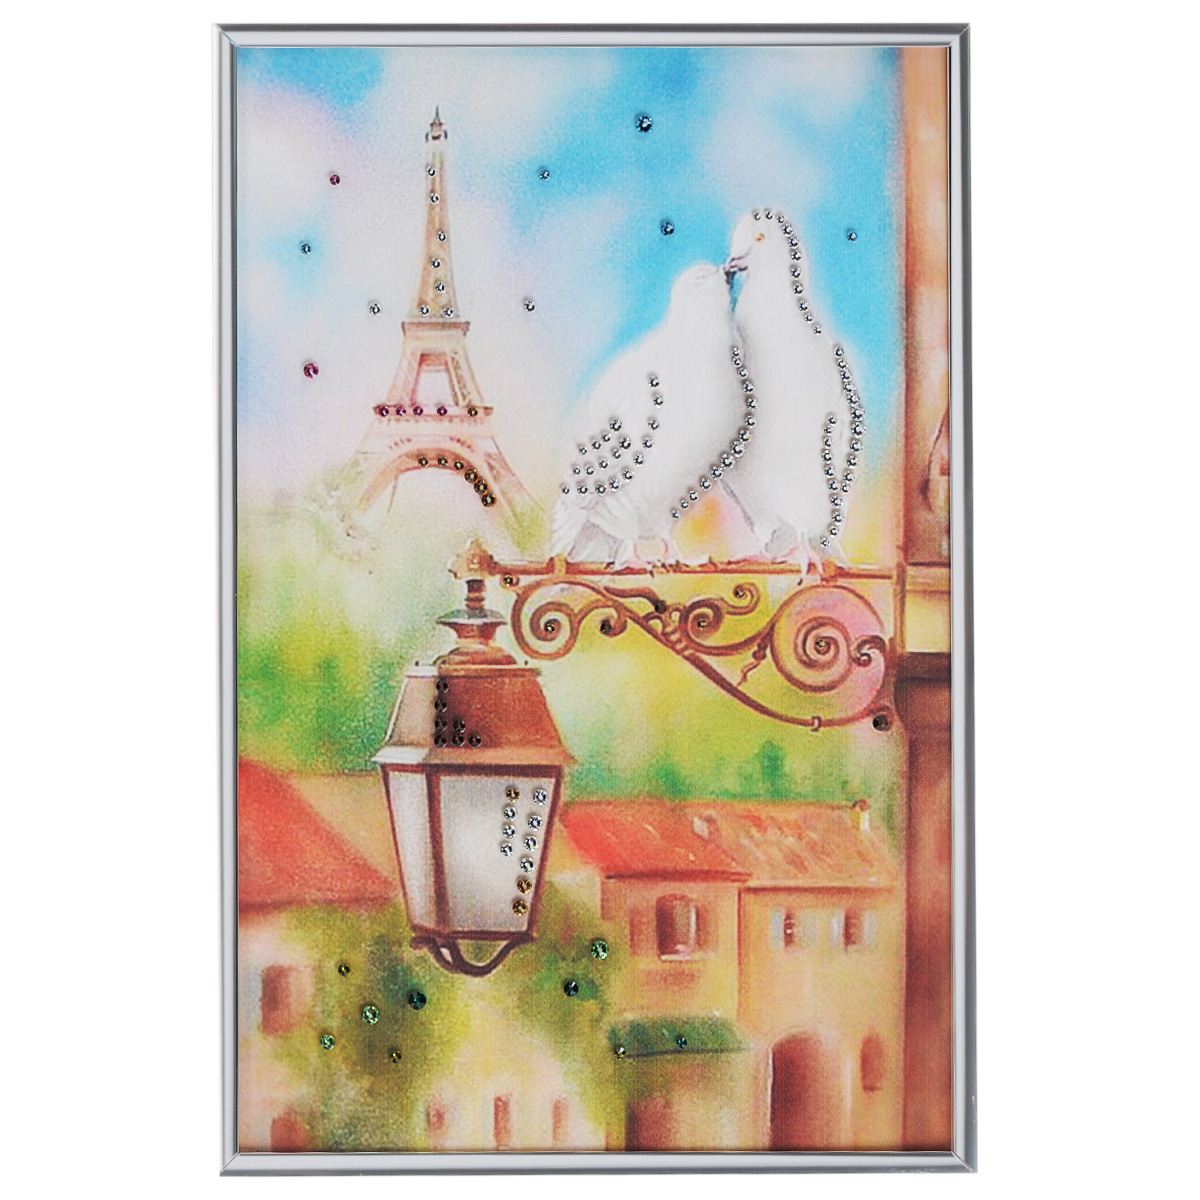 Картина с кристаллами Swarovski Голуби в Париже, 20 см х 30 смRG-D31SИзящная картина в металлической раме, инкрустирована кристаллами Swarovski, которые отличаются четкой и ровной огранкой, ярким блеском и чистотой цвета. Красочное изображение двух голубей на фоне Эйфелевой башни, расположенное под стеклом, прекрасно дополняет блеск кристаллов. С обратной стороны имеется металлическая петелька для размещения картины на стене.Картина с кристаллами Swarovski Голуби в Париже элегантно украсит интерьер дома или офиса, а также станет прекрасным подарком, который обязательно понравится получателю. Блеск кристаллов в интерьере, что может быть сказочнее и удивительнее. Картина упакована в подарочную картонную коробку синего цвета и комплектуется сертификатом соответствия Swarovski.